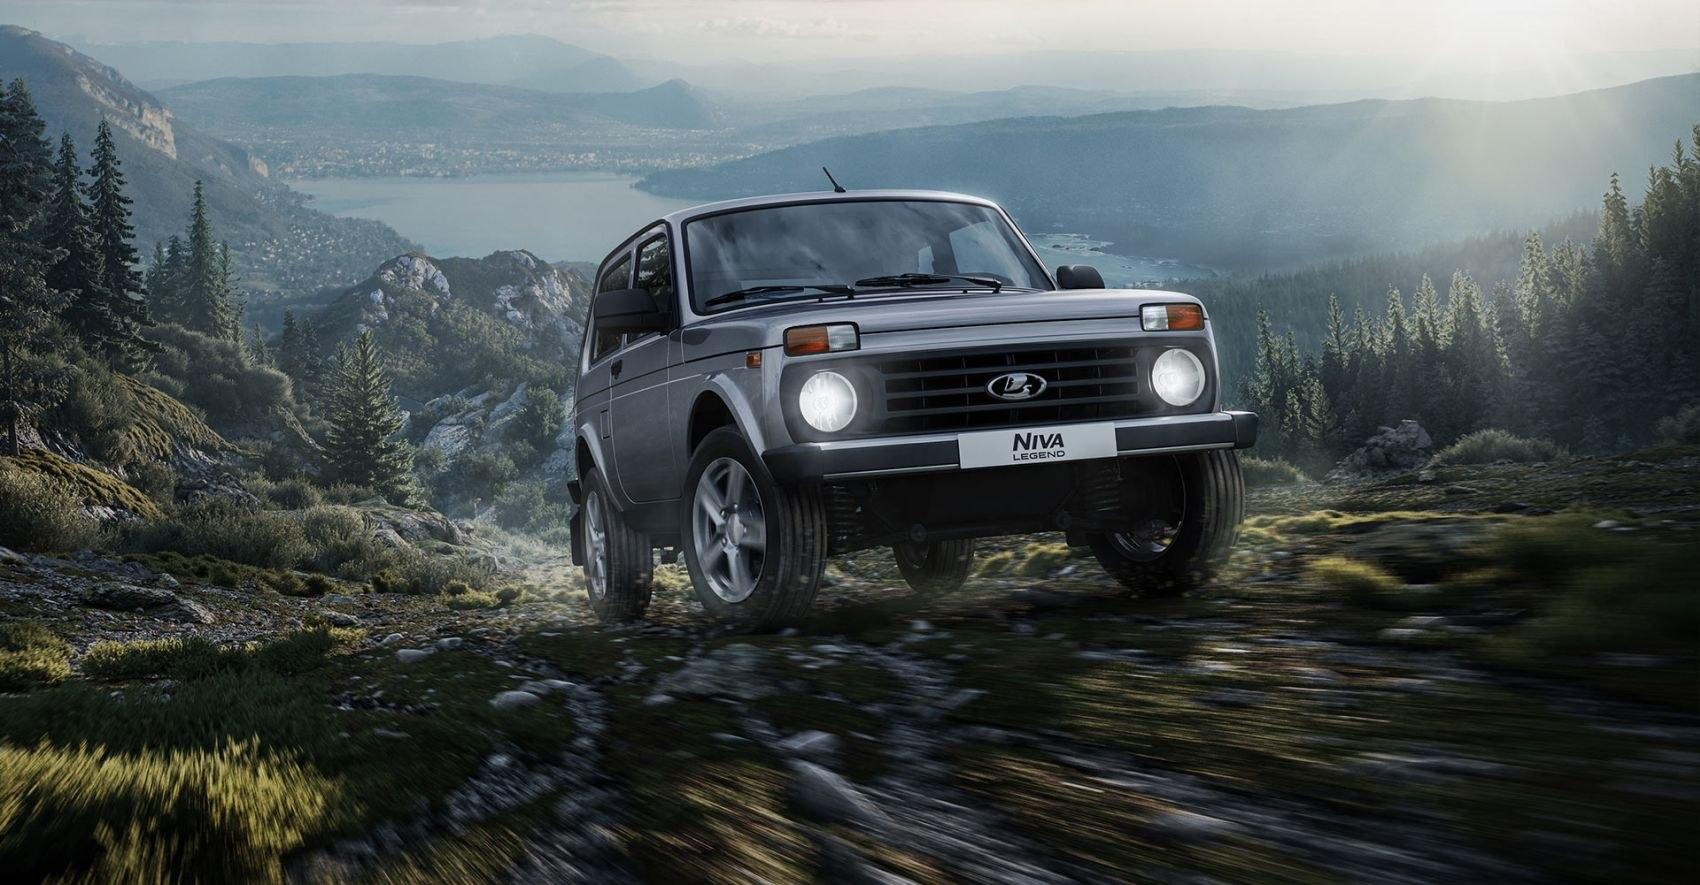 Lada Niva Legend стала лучшим внедорожником для охоты и рыбалки по версии СберАвто